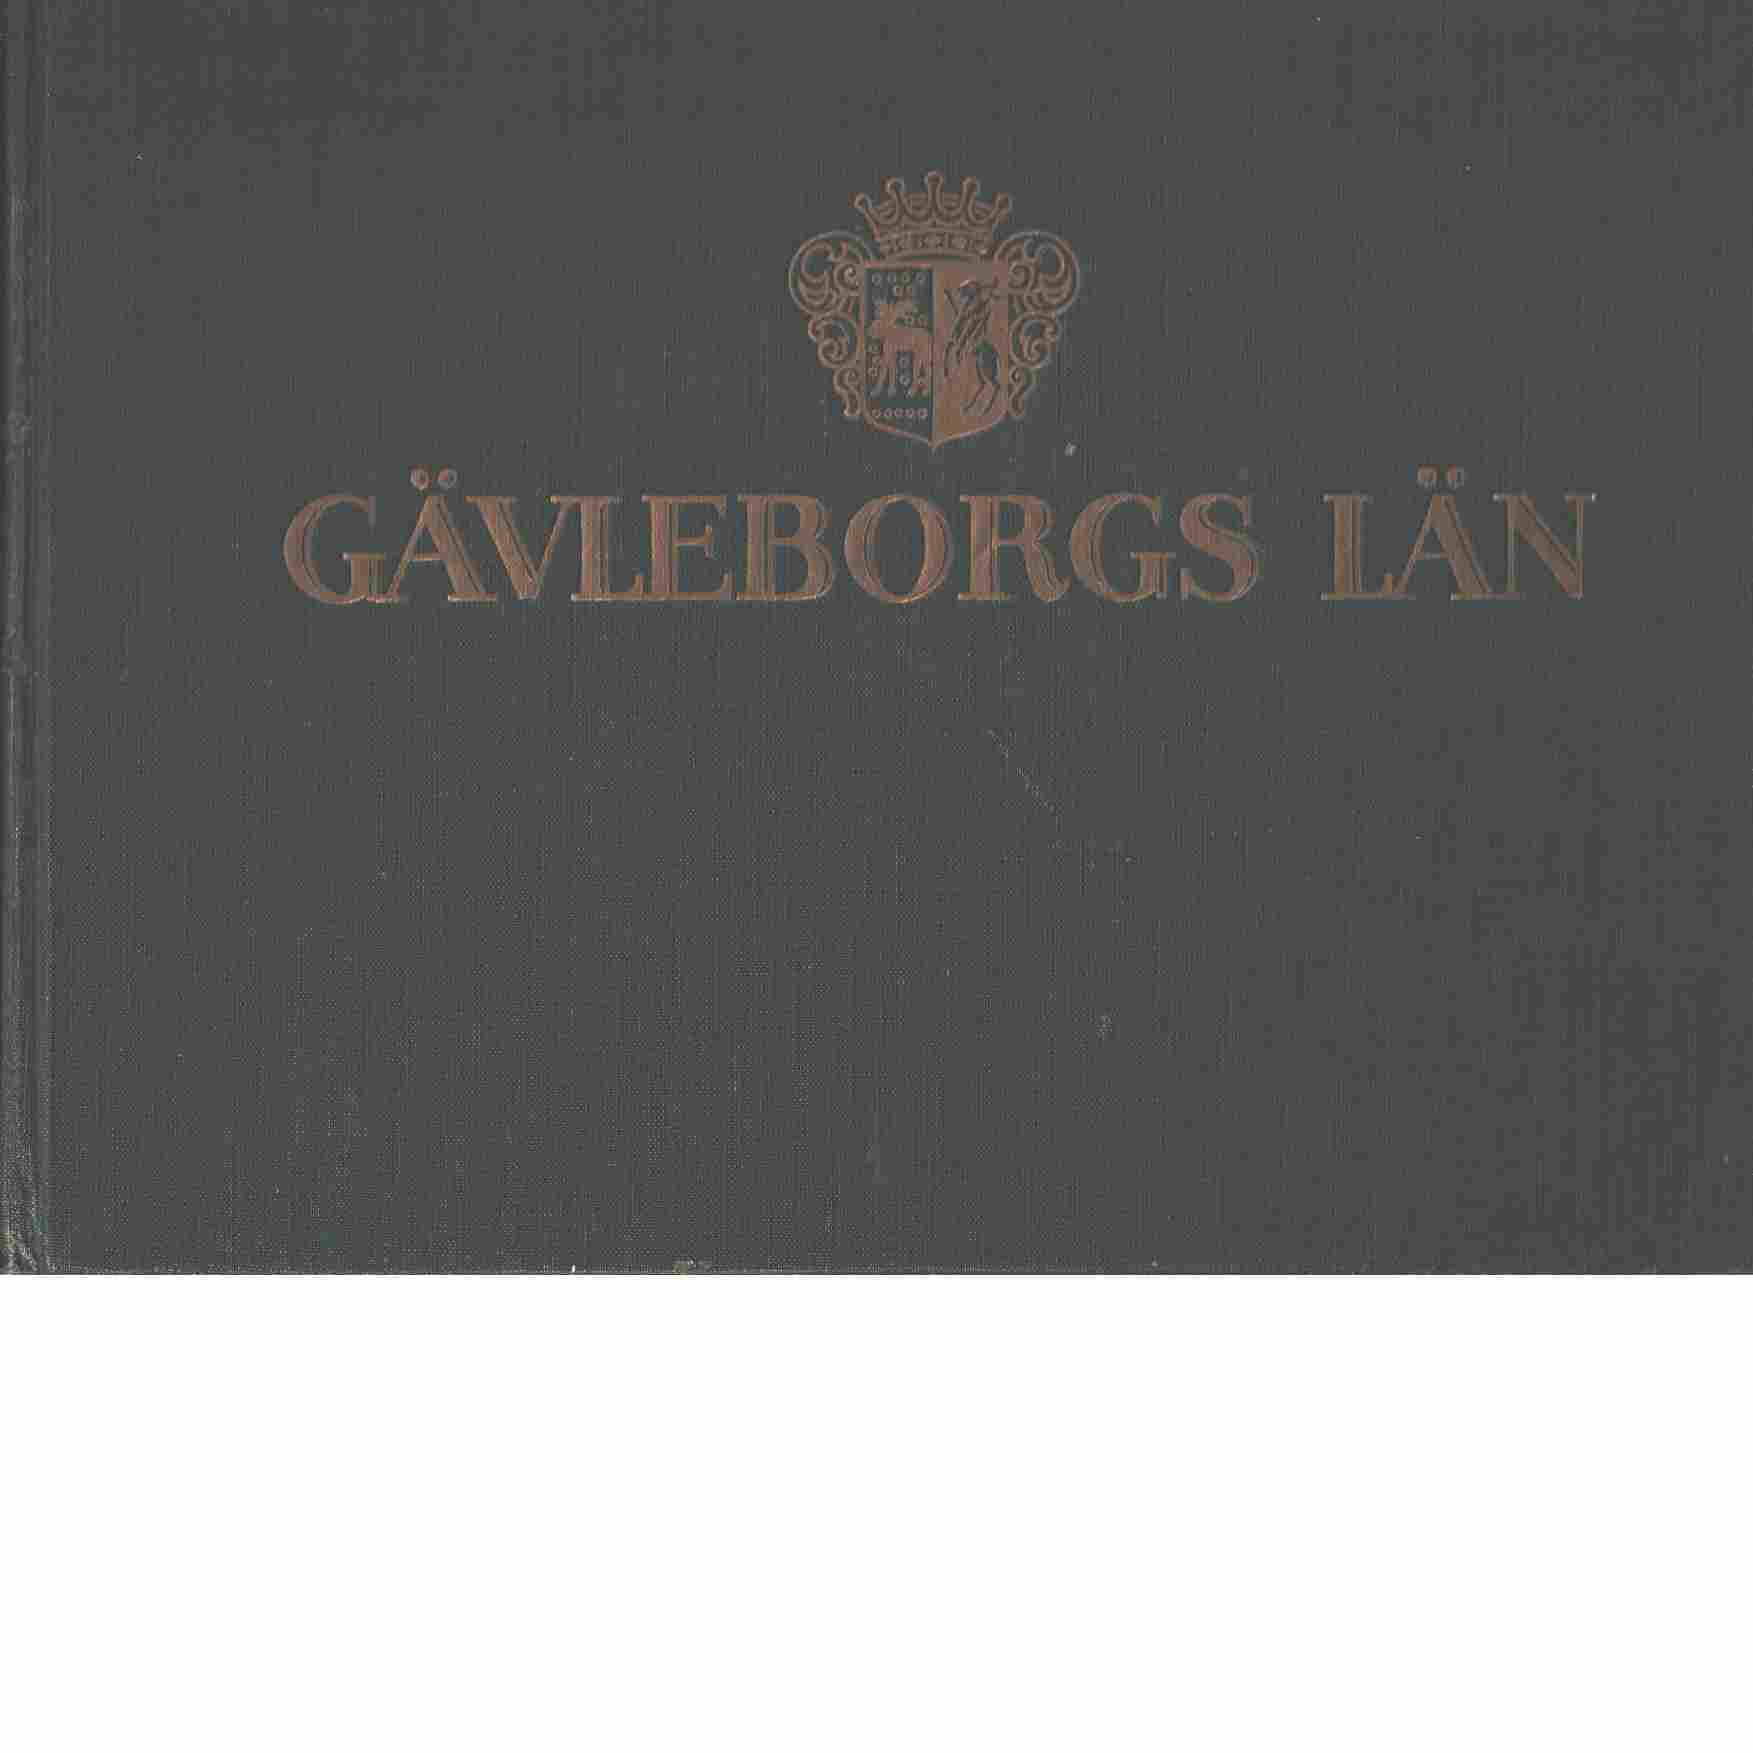 Gävleborgs län bildgalleri - Lindeberg, Wilh.  och  Hedman, Gust